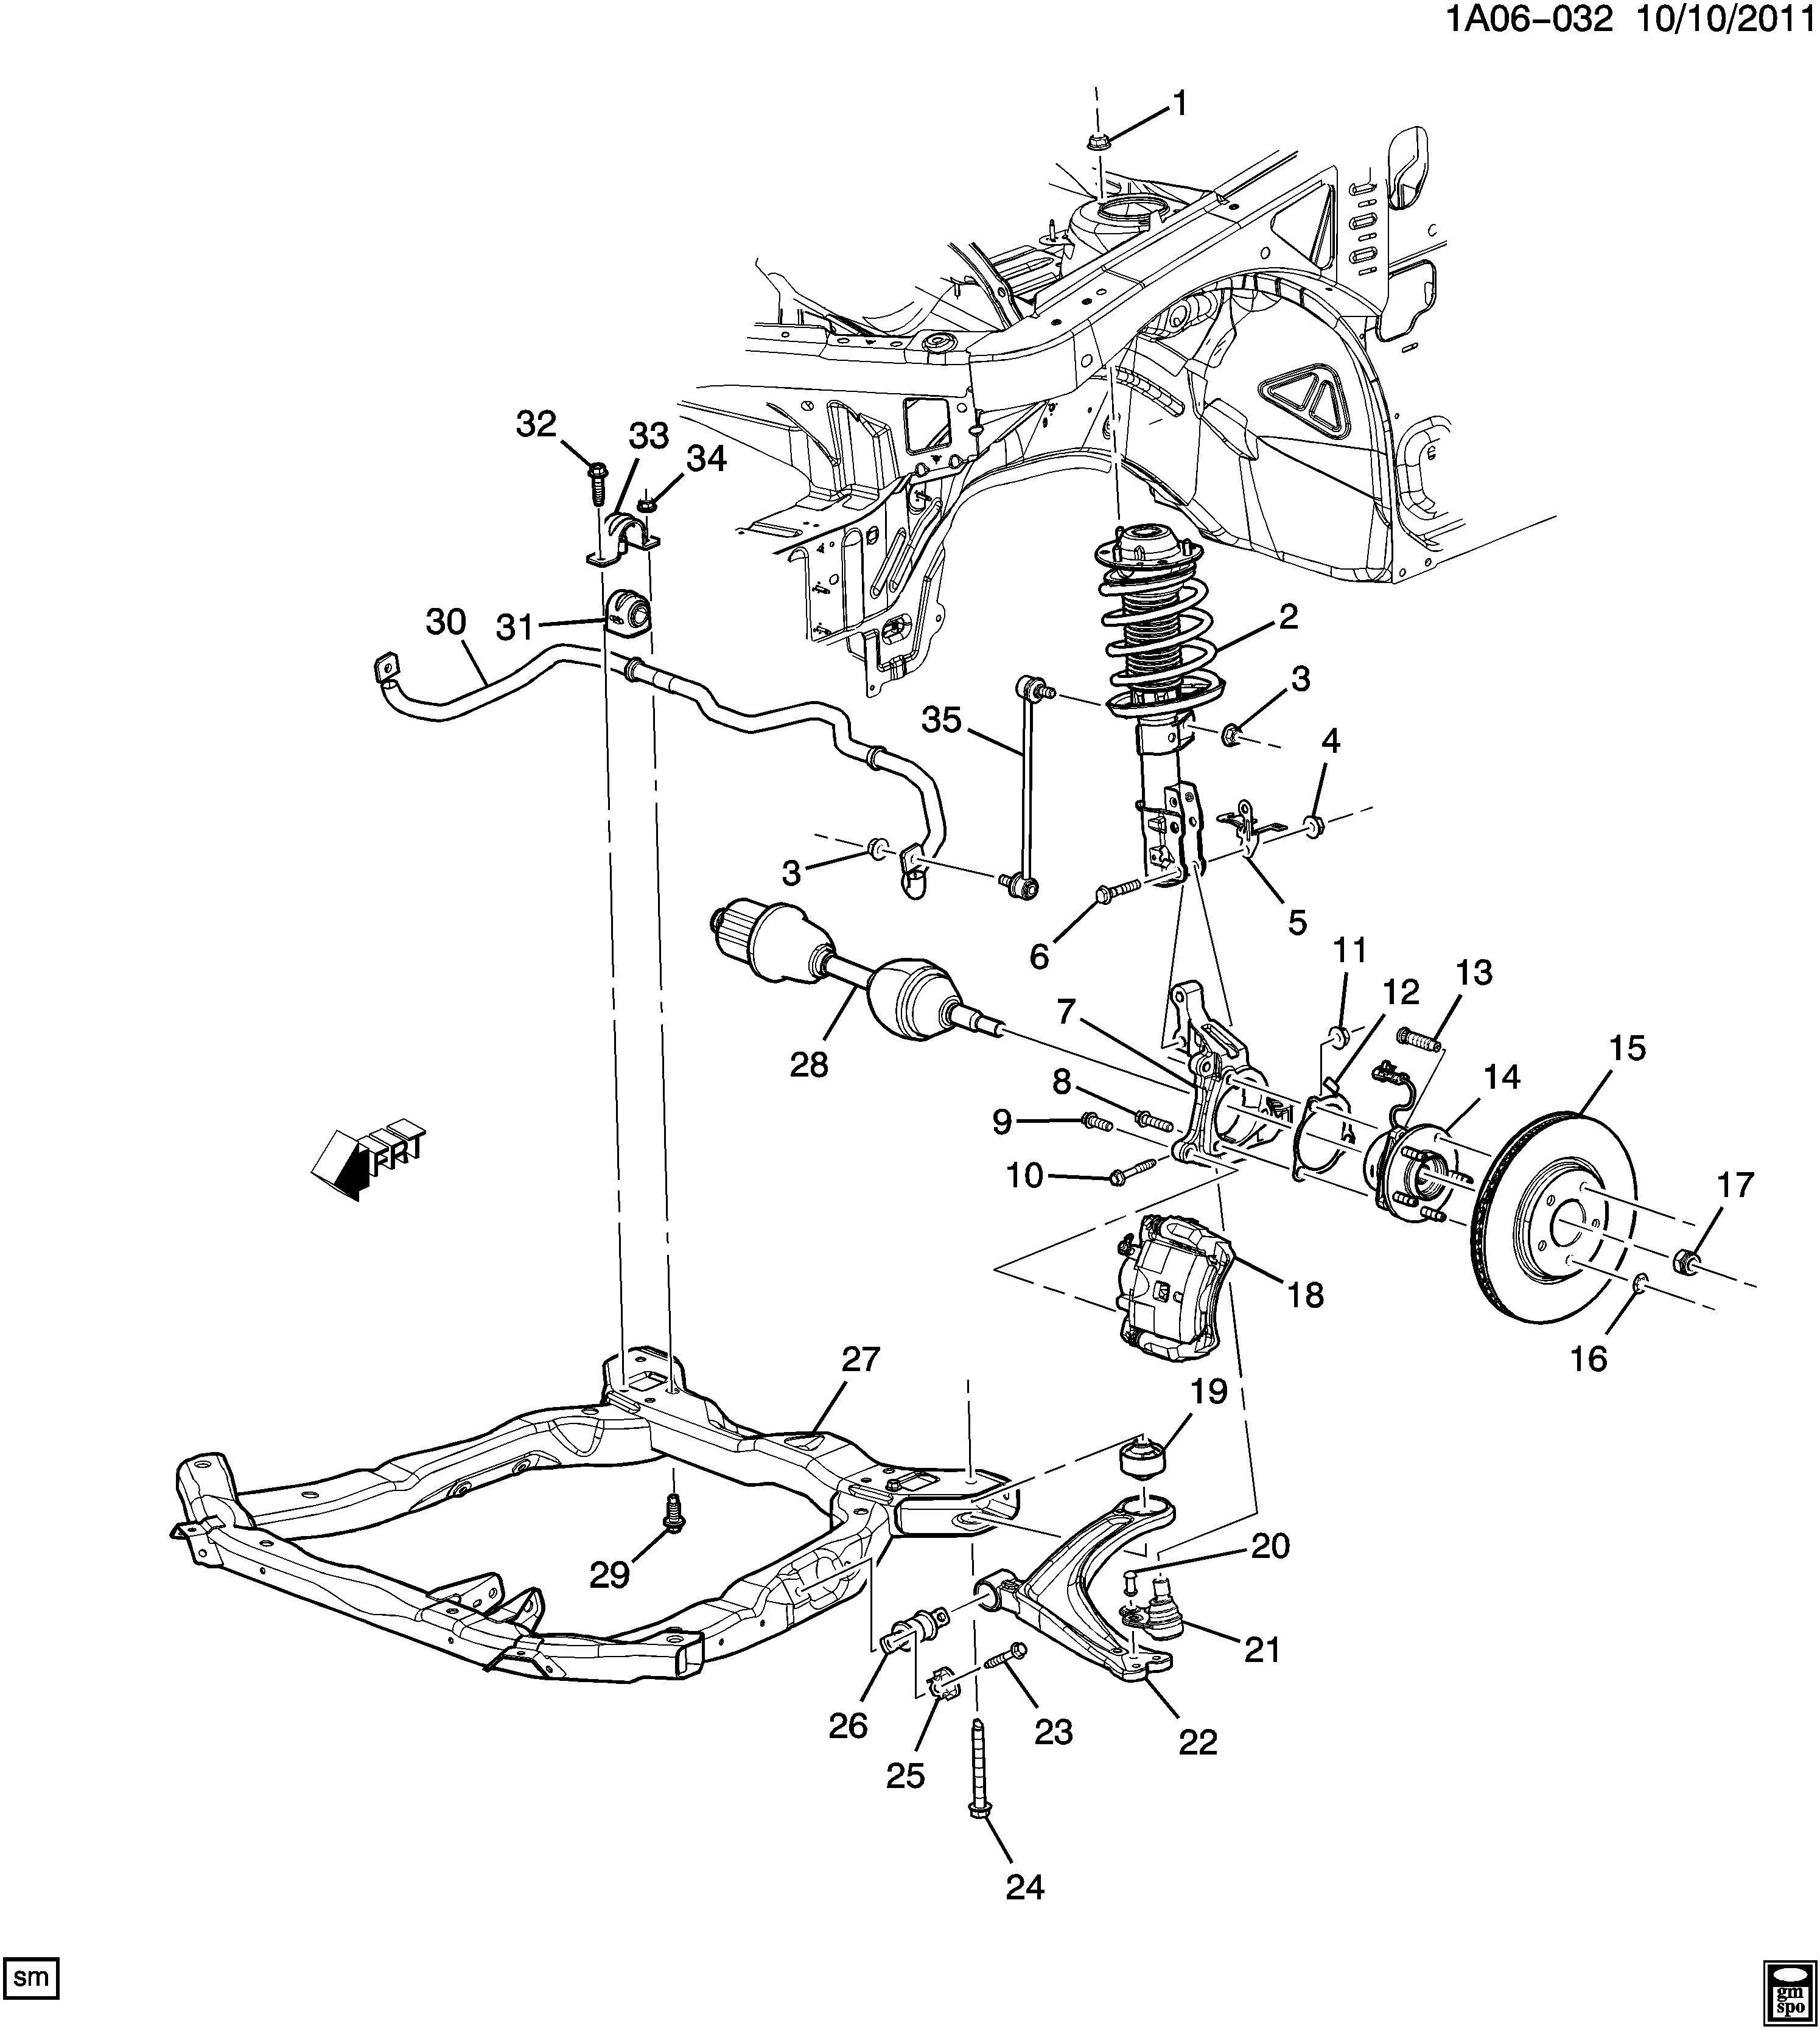 2008 Chevrolet Cobalt Knuckle. Steering. Knuckle, strg